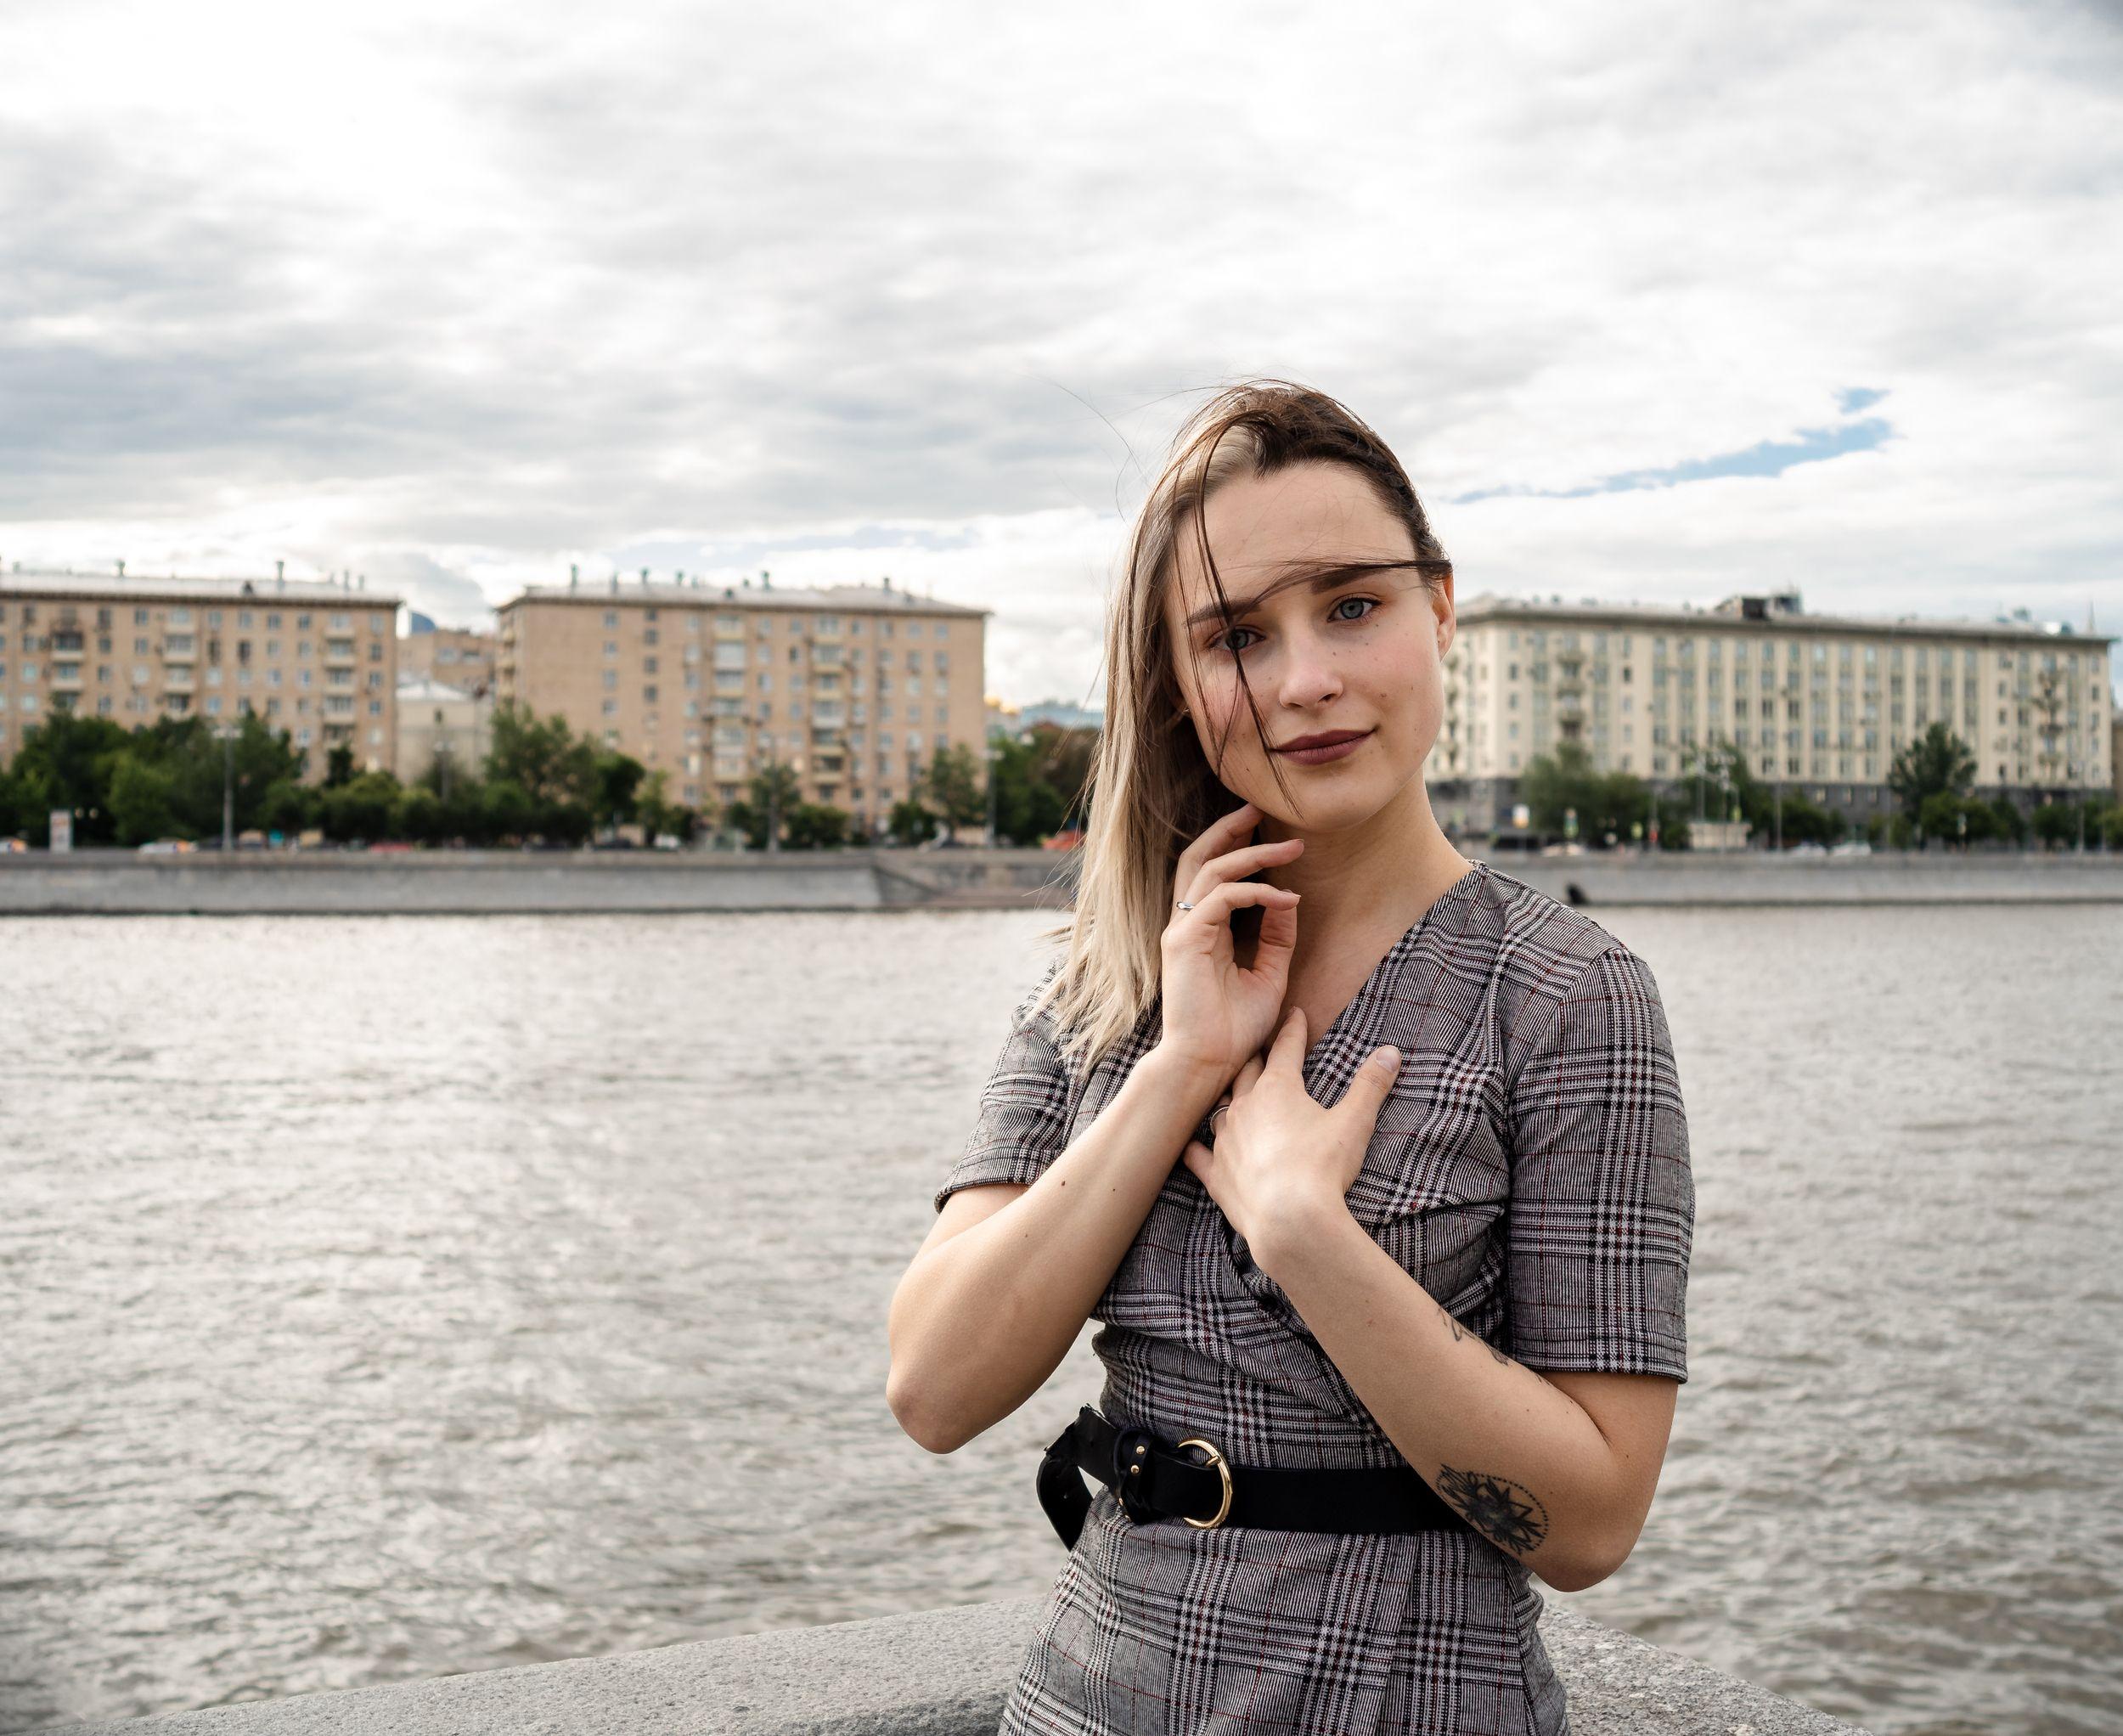 стрит, красивая девушка, женский портрет, концептуальное, будуар, Бабаев Зураб